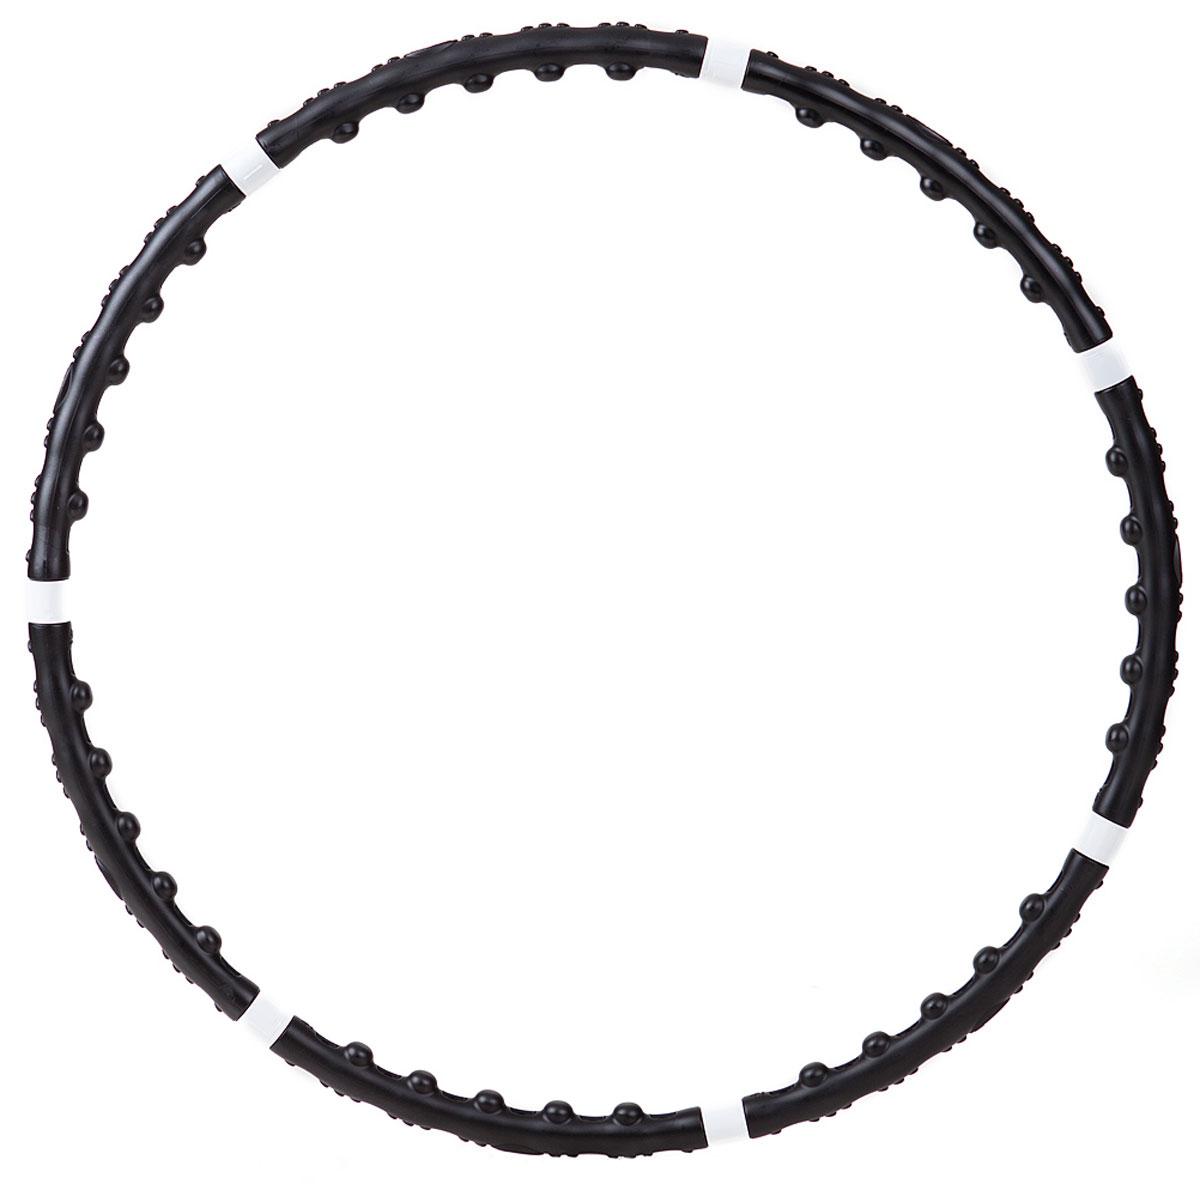 Обруч Bradex, утяжеленный, массажный, с магнитными вставкамиSF 0002Массажный утяжеленный обруч Bradex отлично подтянет живот, улучшит талию и поможет похудеть. Обруч оснащен магнитами. Благодаря такому устройству, происходит сочетание элементов обычного хула- хупа с техникой аккупунктурного массажа. Магниты, идущие в комплекте с обручем, оказывают противовоспалительный, седативный, болеутоляющий эффект. Вы не только улучшите контуры фигуры за счет сжигания подкожного жира в области талии и живота, но и обретете хорошее самочувствие. Обруч состоит из 7 секций и является разборным, что облегчает его транспортировку. Характеристики: Материал: ПВХ, магнит. Диаметр обруча: 100 см. Вес обруча: 1,3 кг. Размер упаковки: 47 х 25 х 7,5 см.